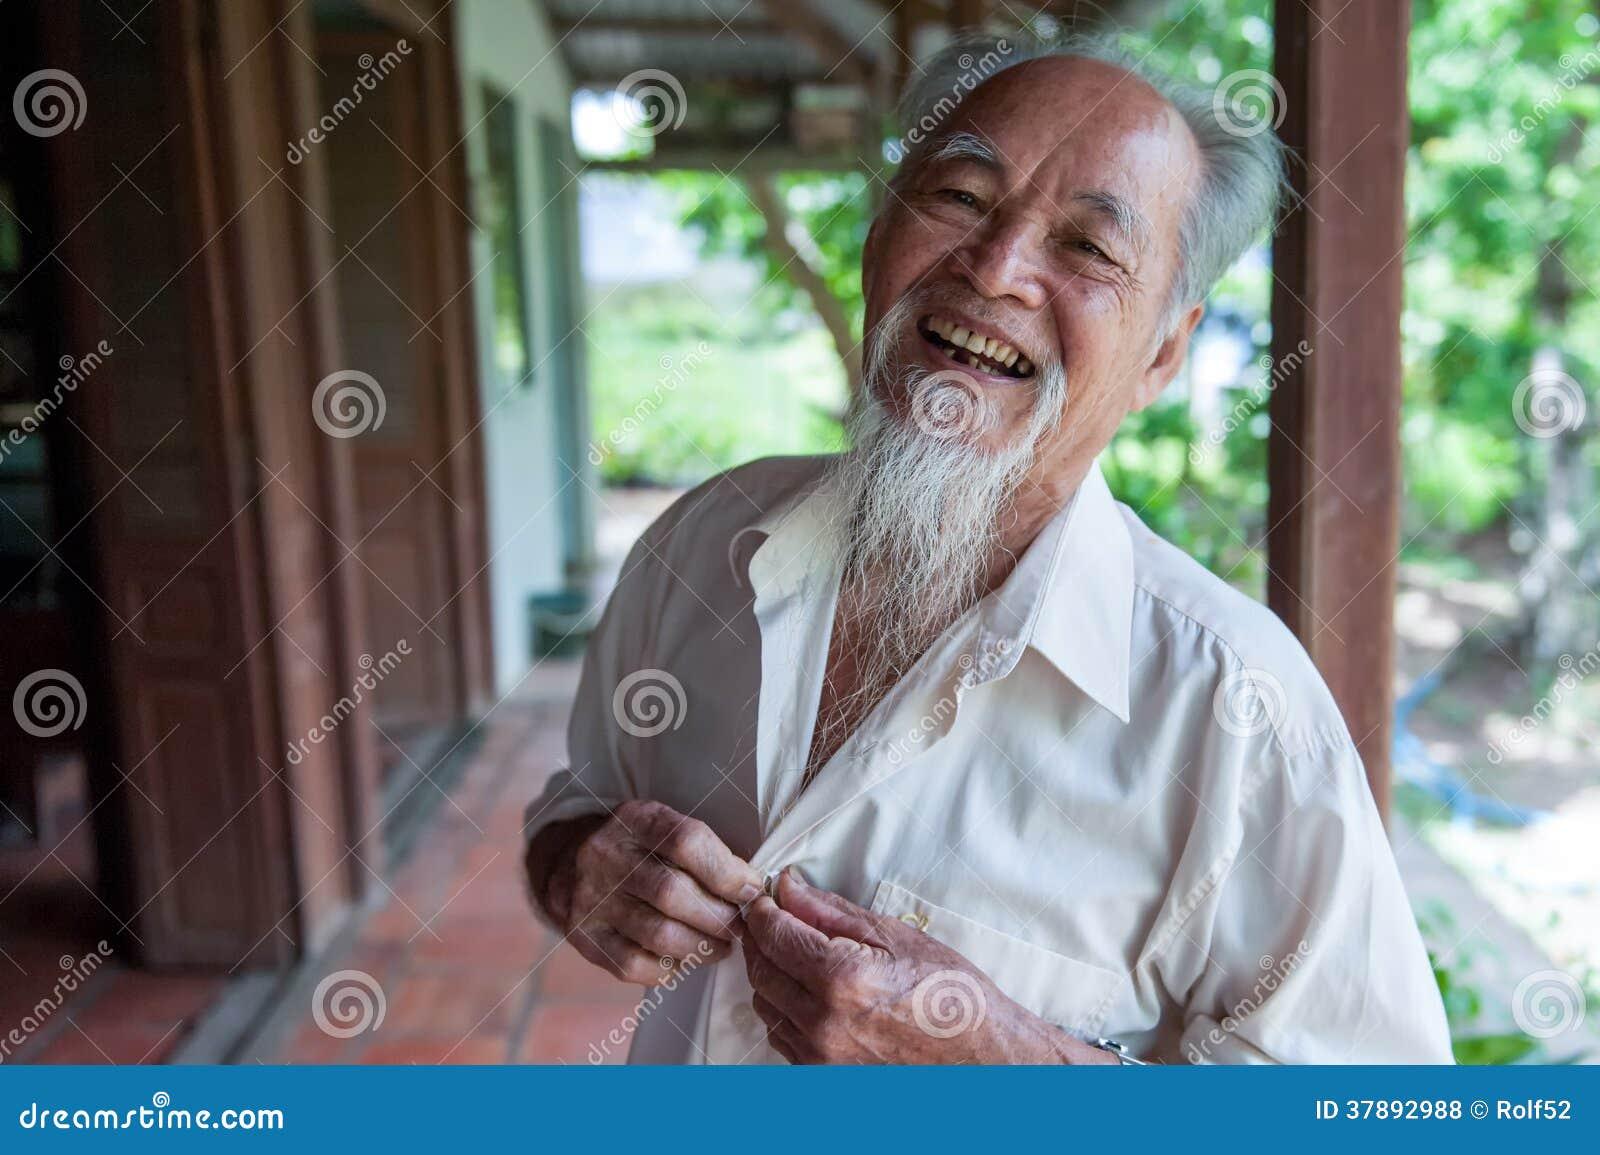 Sorriso vietnamita di 89 anni